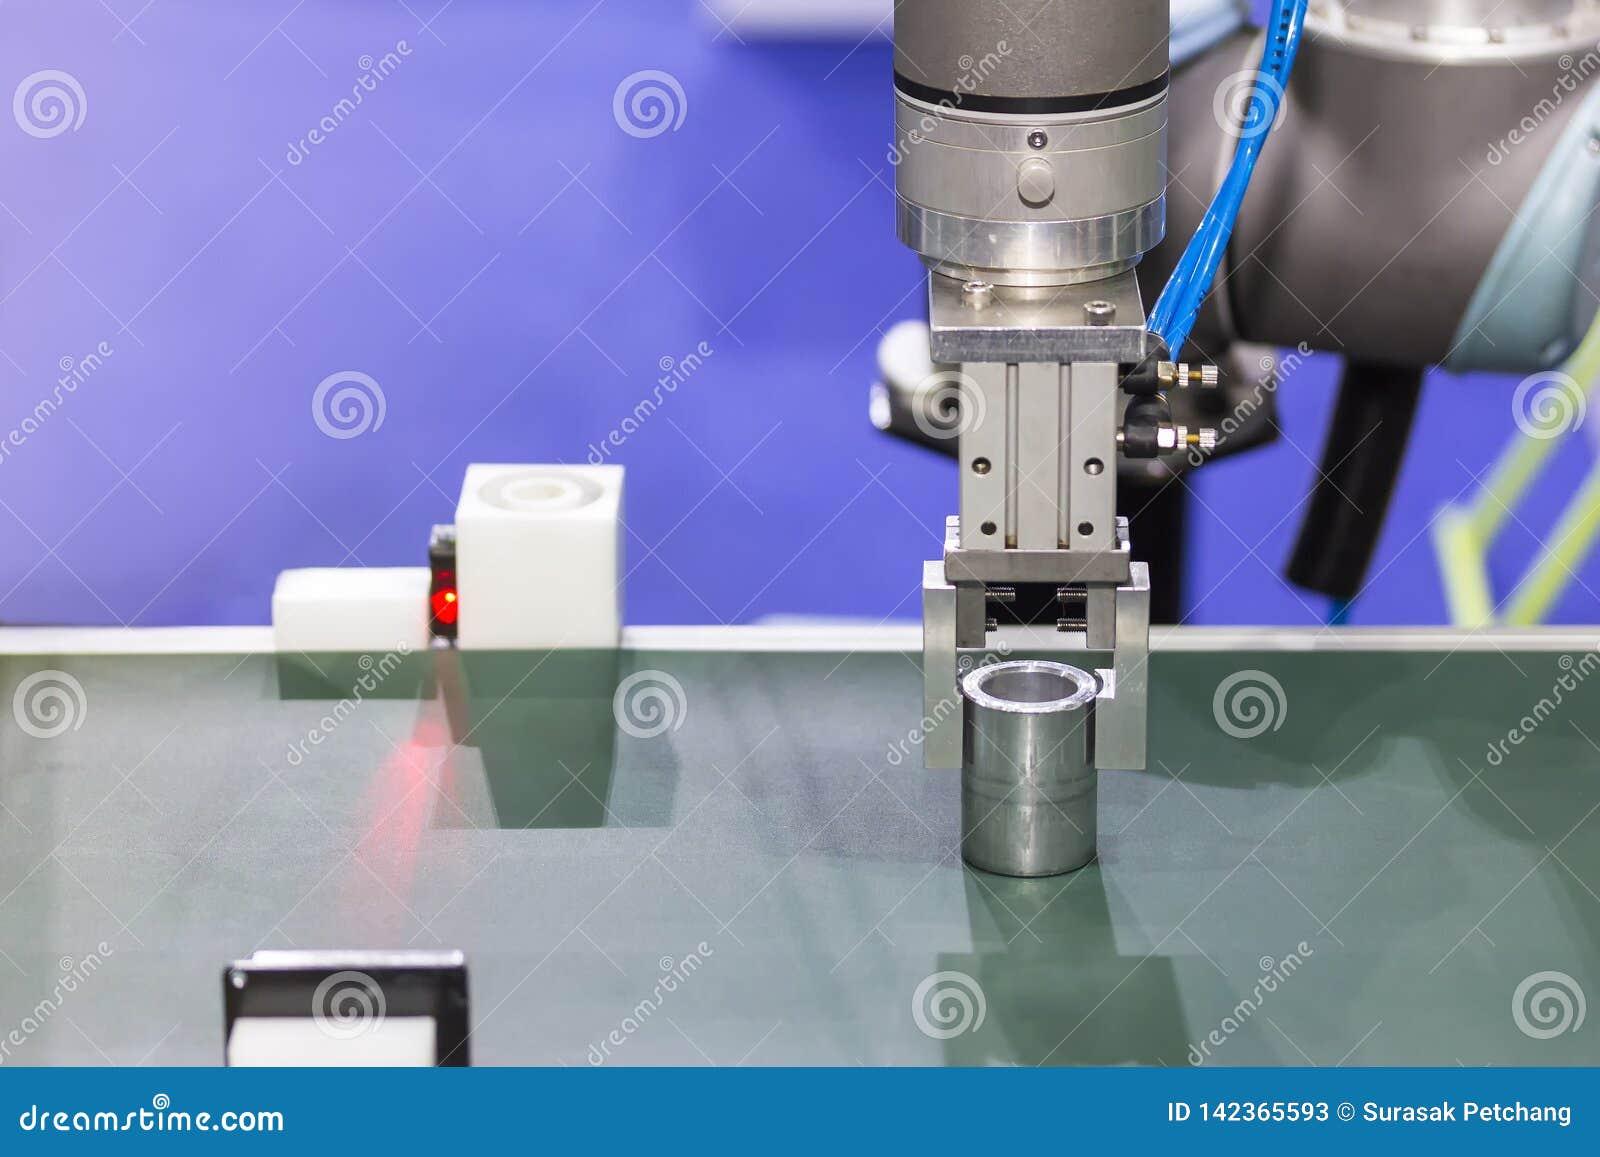 Nowoczesna technologia i precyzja robota chwyt dla chwyta produktu w procesie produkcyjnym